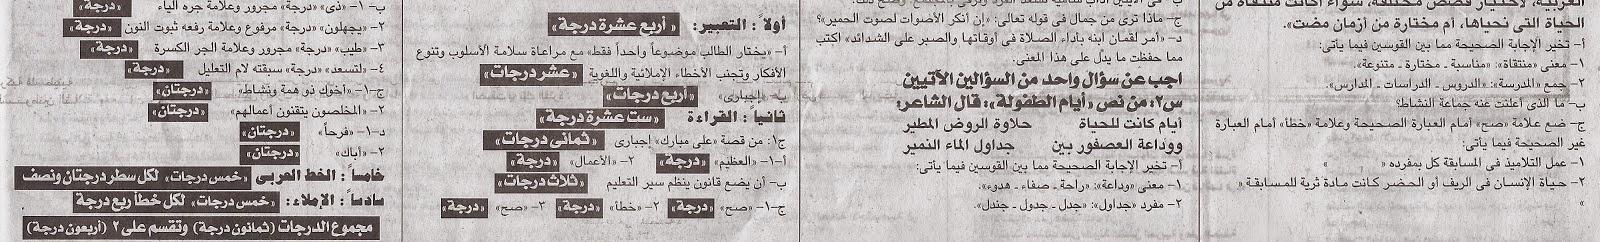 [لغة عربية] نشر اجابتة امتحان محافظة الجيزة للصف السادس اخر العام 2015 المختلف علية Www.modars1.com_z14